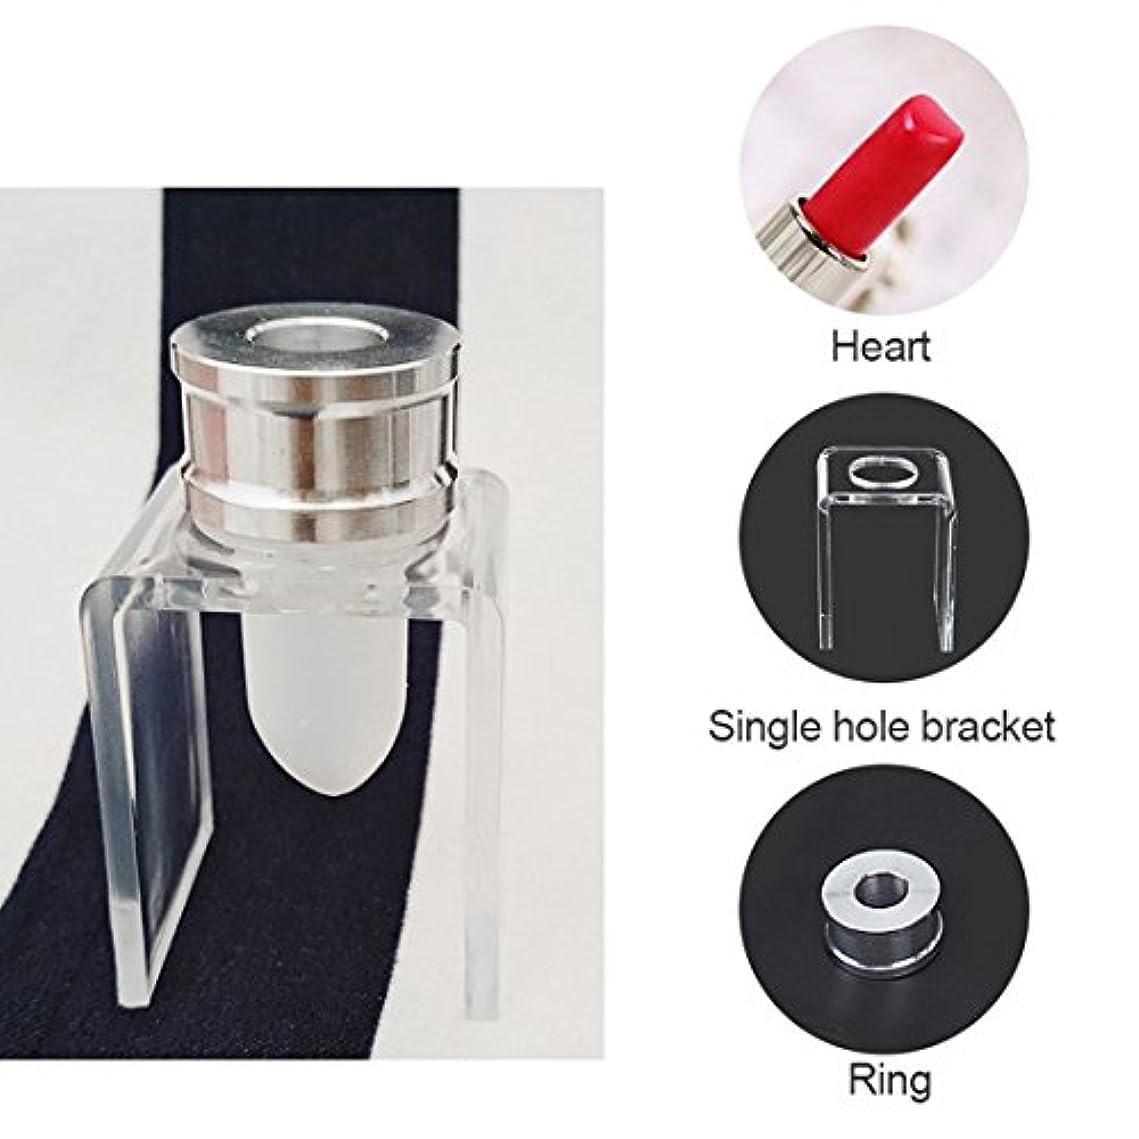 市場主に誕生Cikuso 3セット DIY 12.1mm シンプルな口紅充填チューブ ハート型 シリコーンモールド アルミリング シングルホールブラケット 自家製口紅ツール シンプルセット